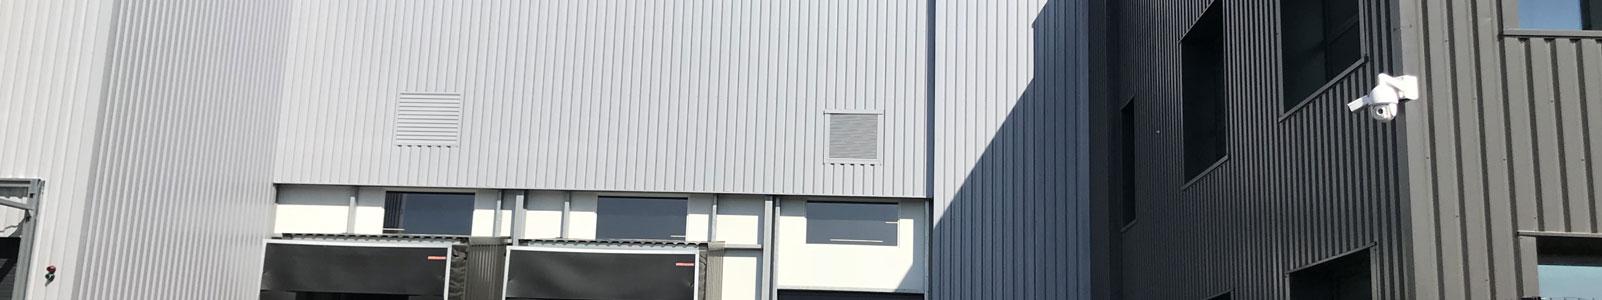 Vidéosurveillance - entreprise d'électricité - Moinard